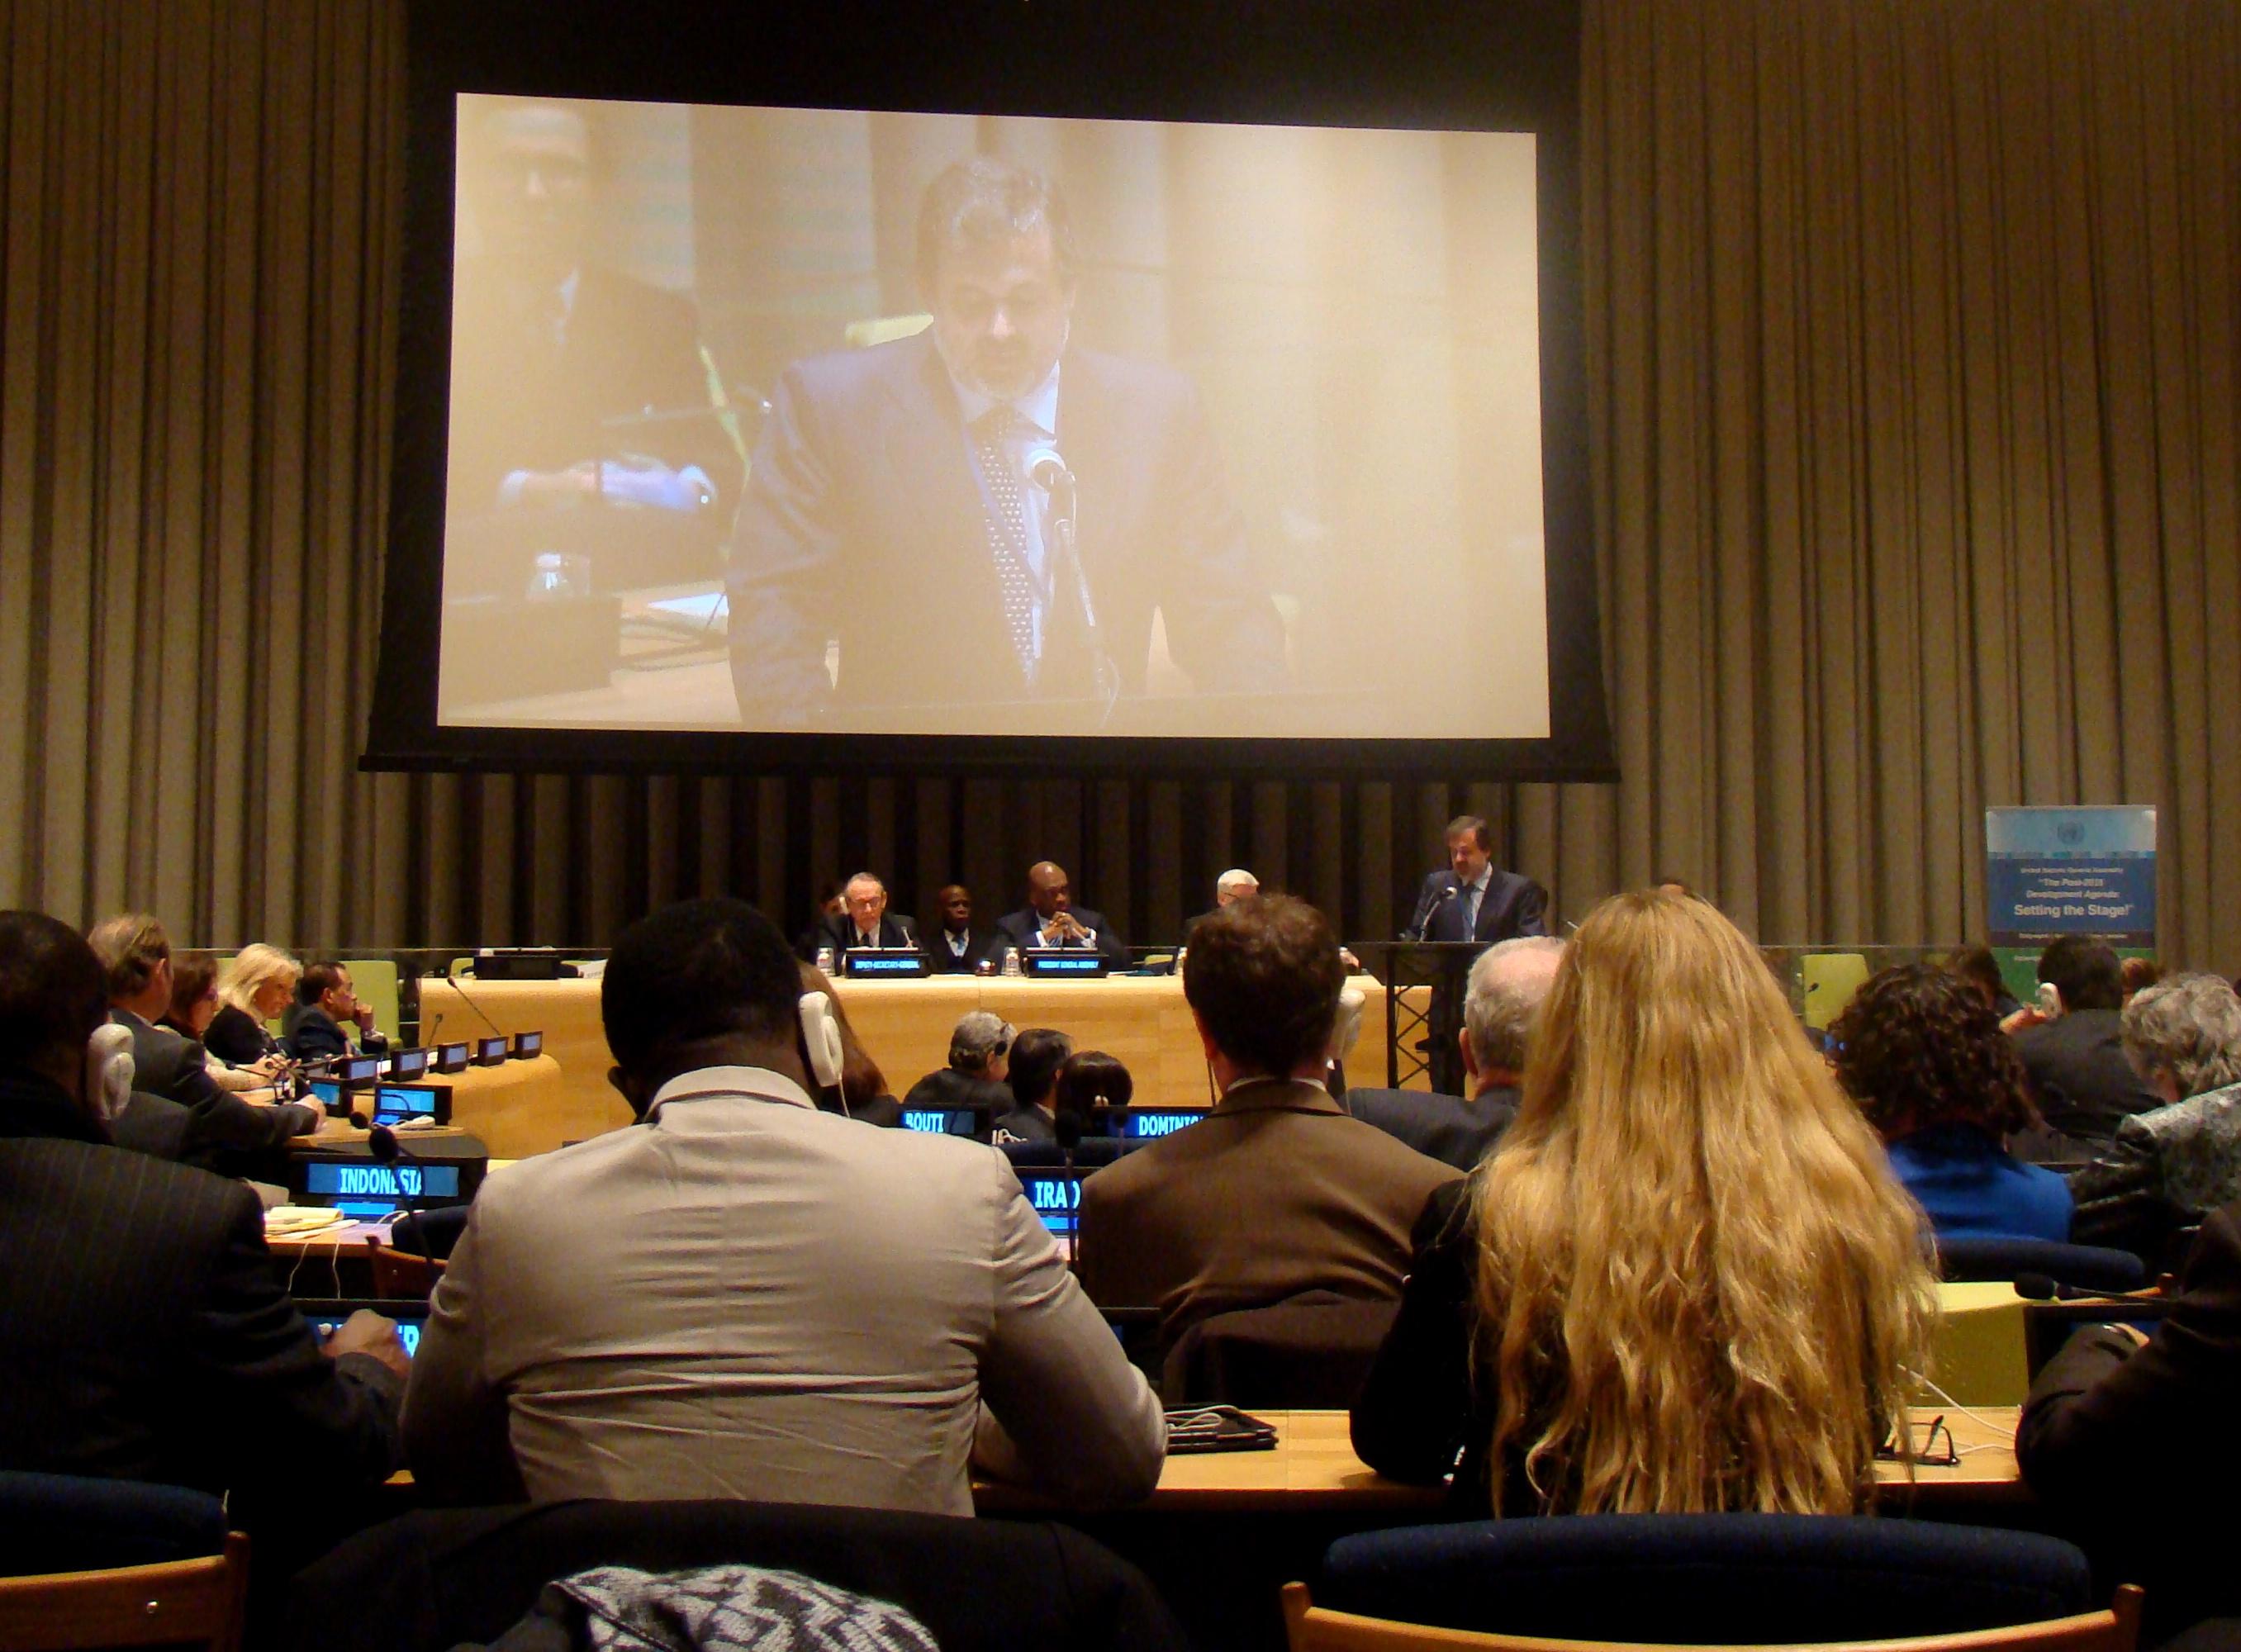 España participa en la jornada de Naciones Unidas sobre Agua, Saneamiento y Energía Sostenible